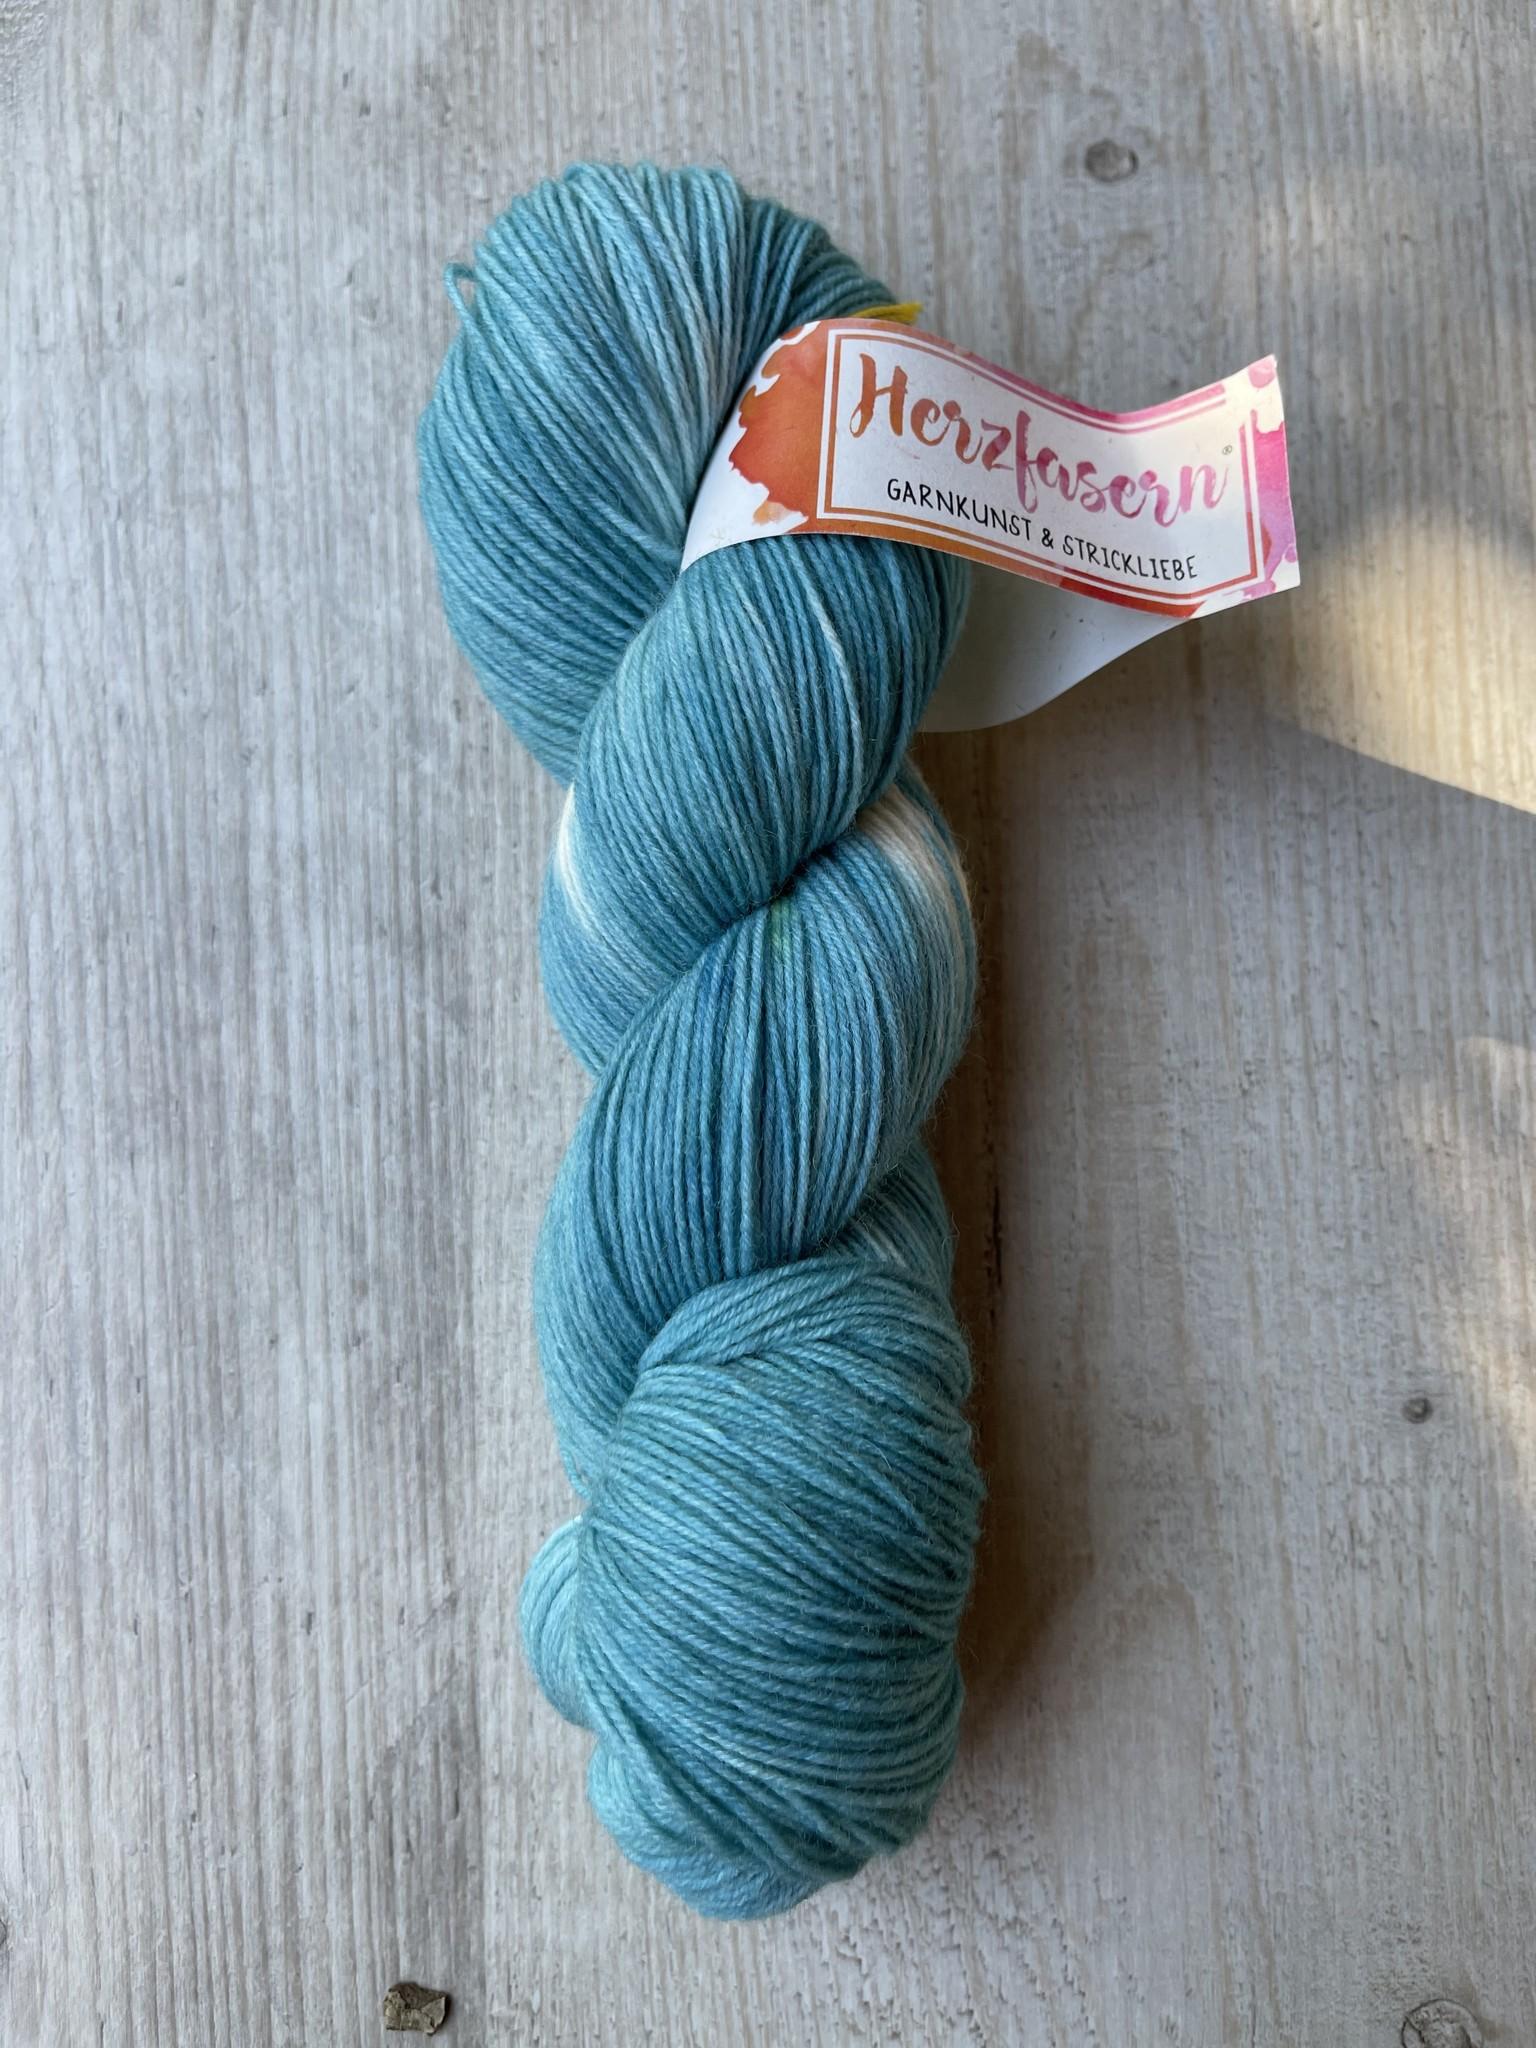 Herzfasern Sockenwolle -Schneefklöckchen türkis